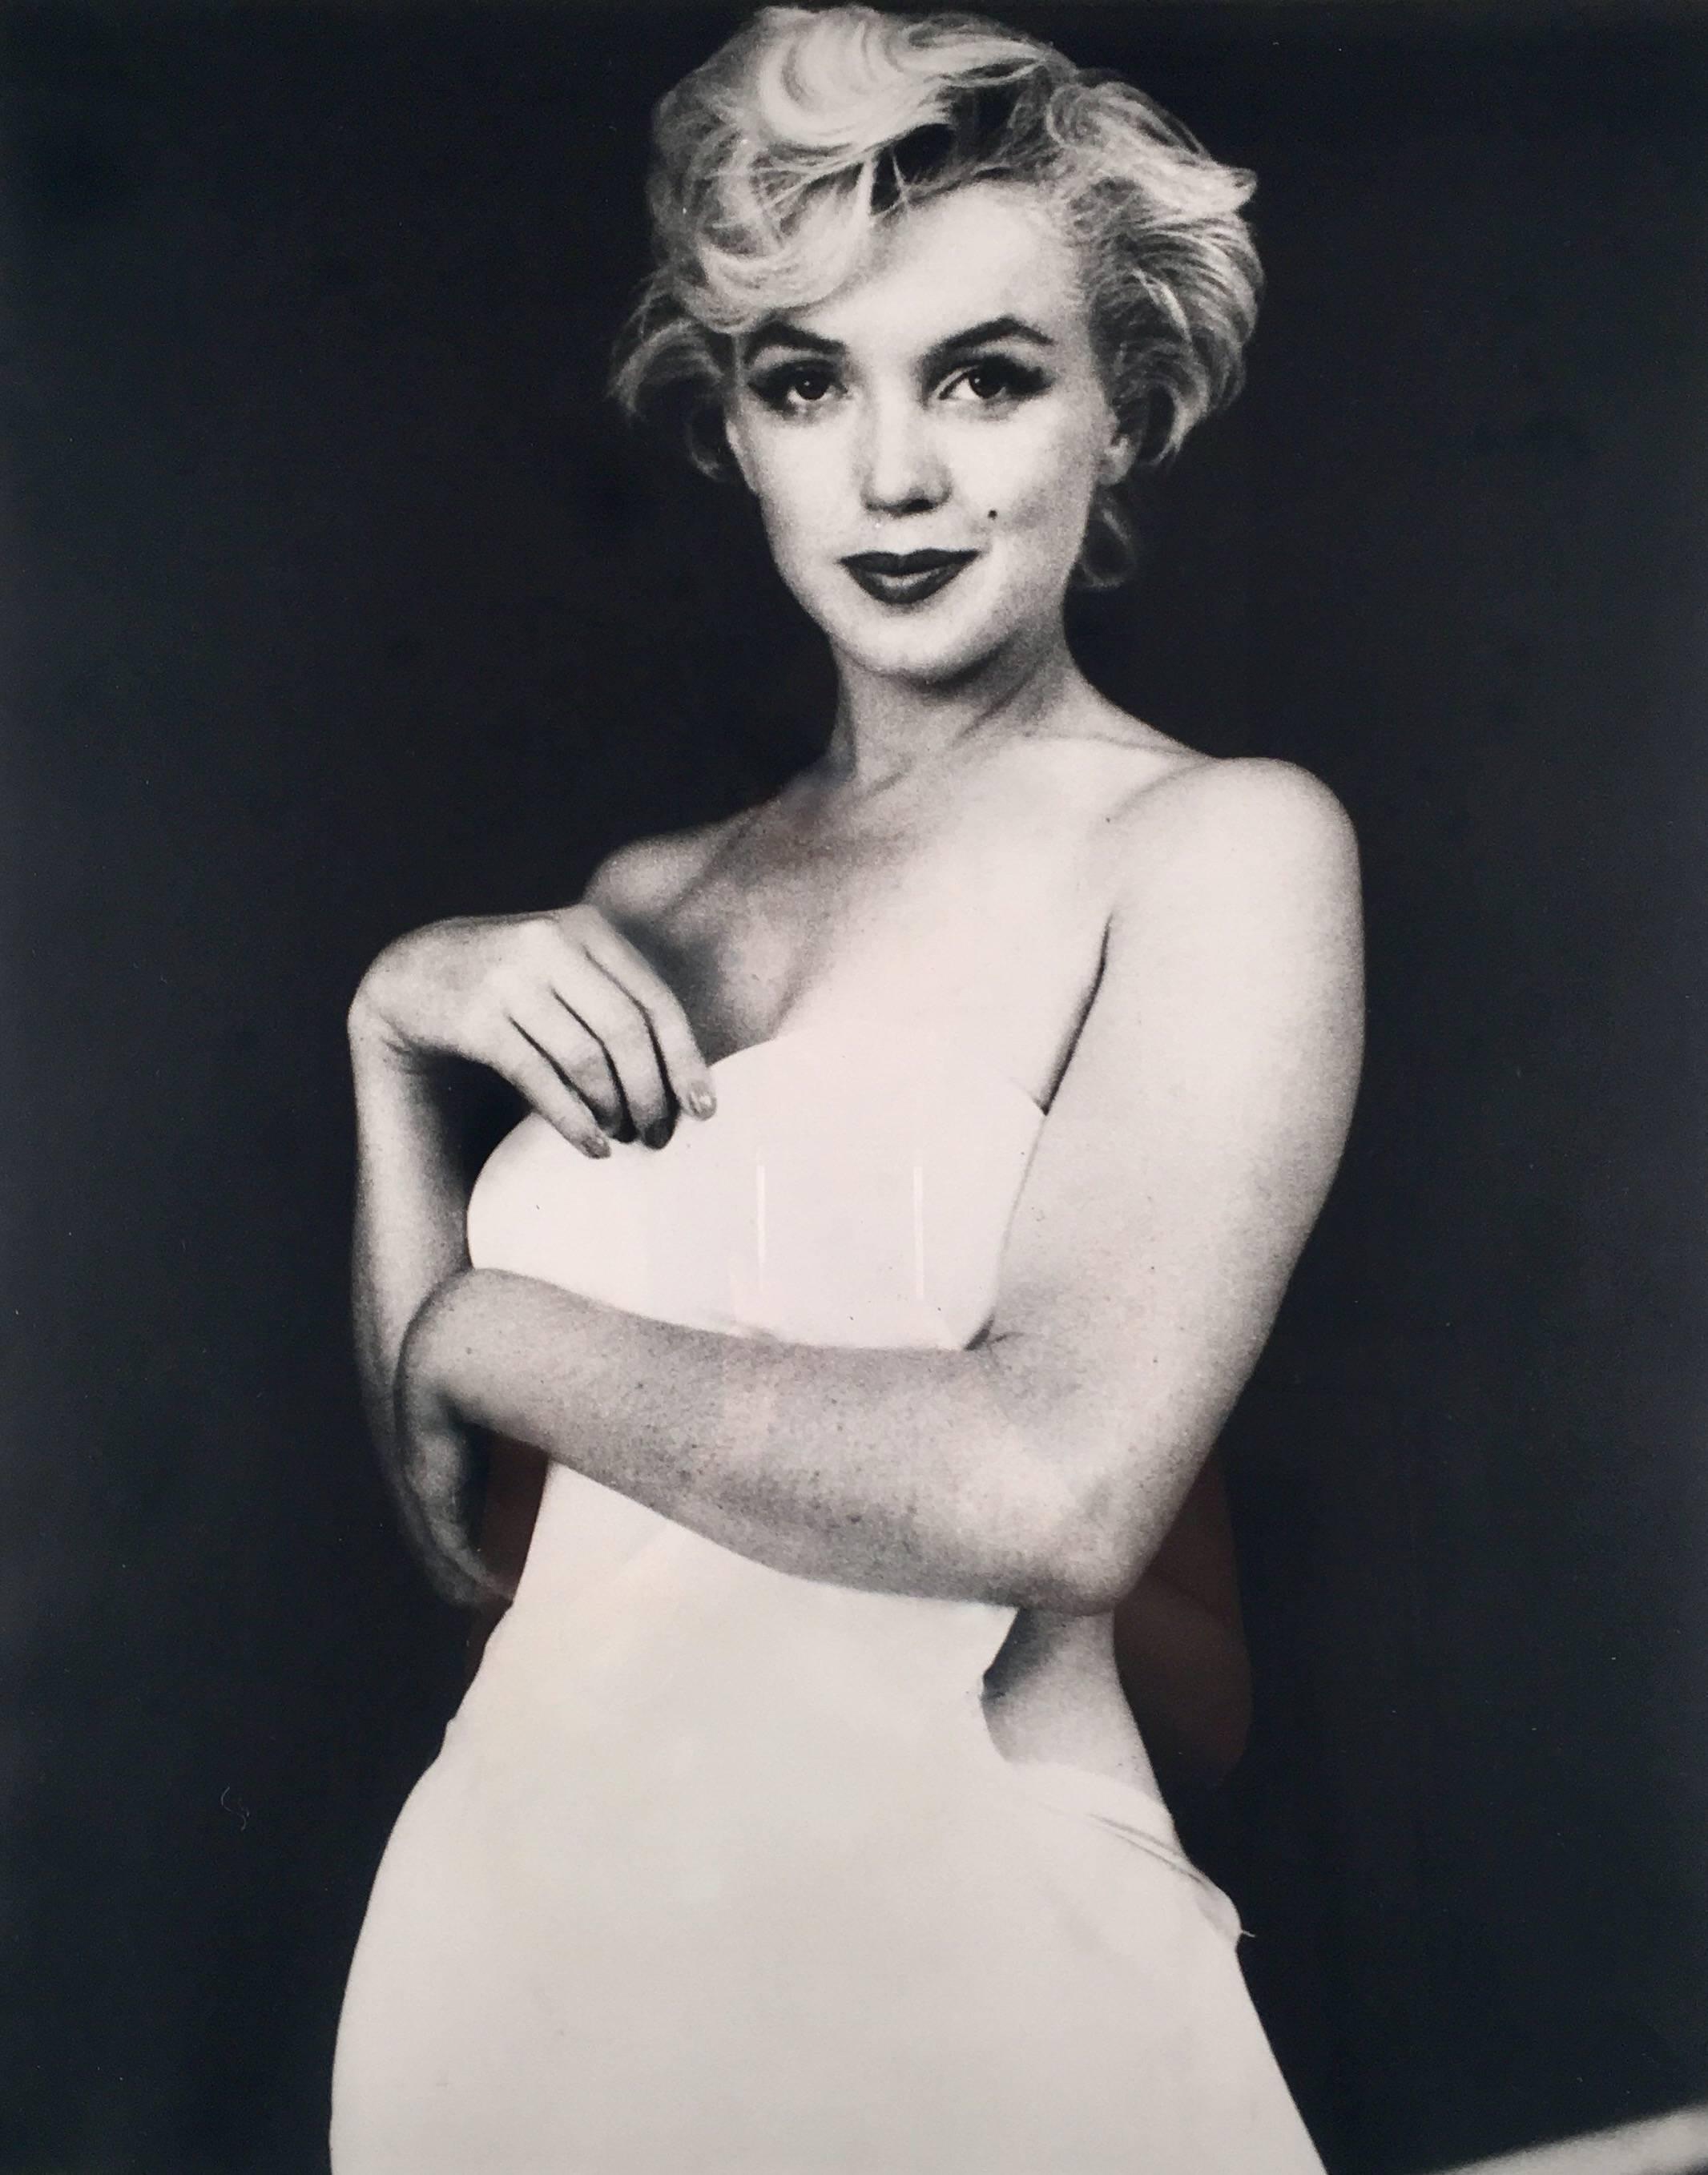 Portrait of Marilyn